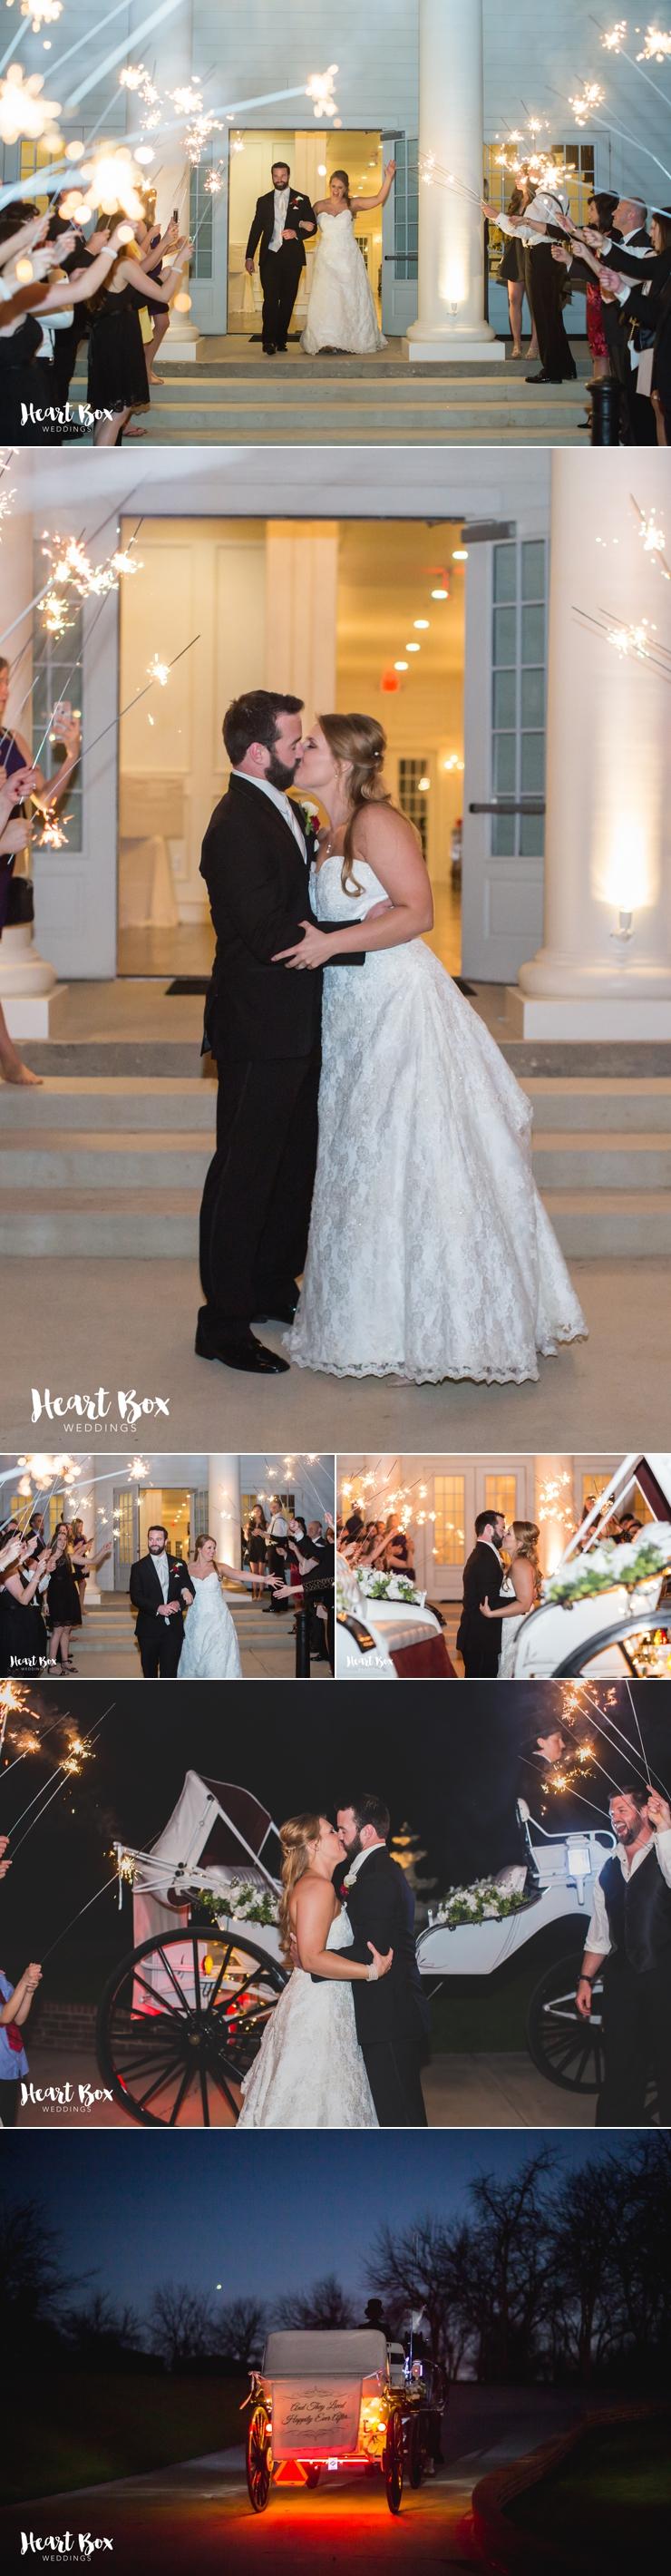 Vanderpool Wedding - Blog Collages 15.jpg